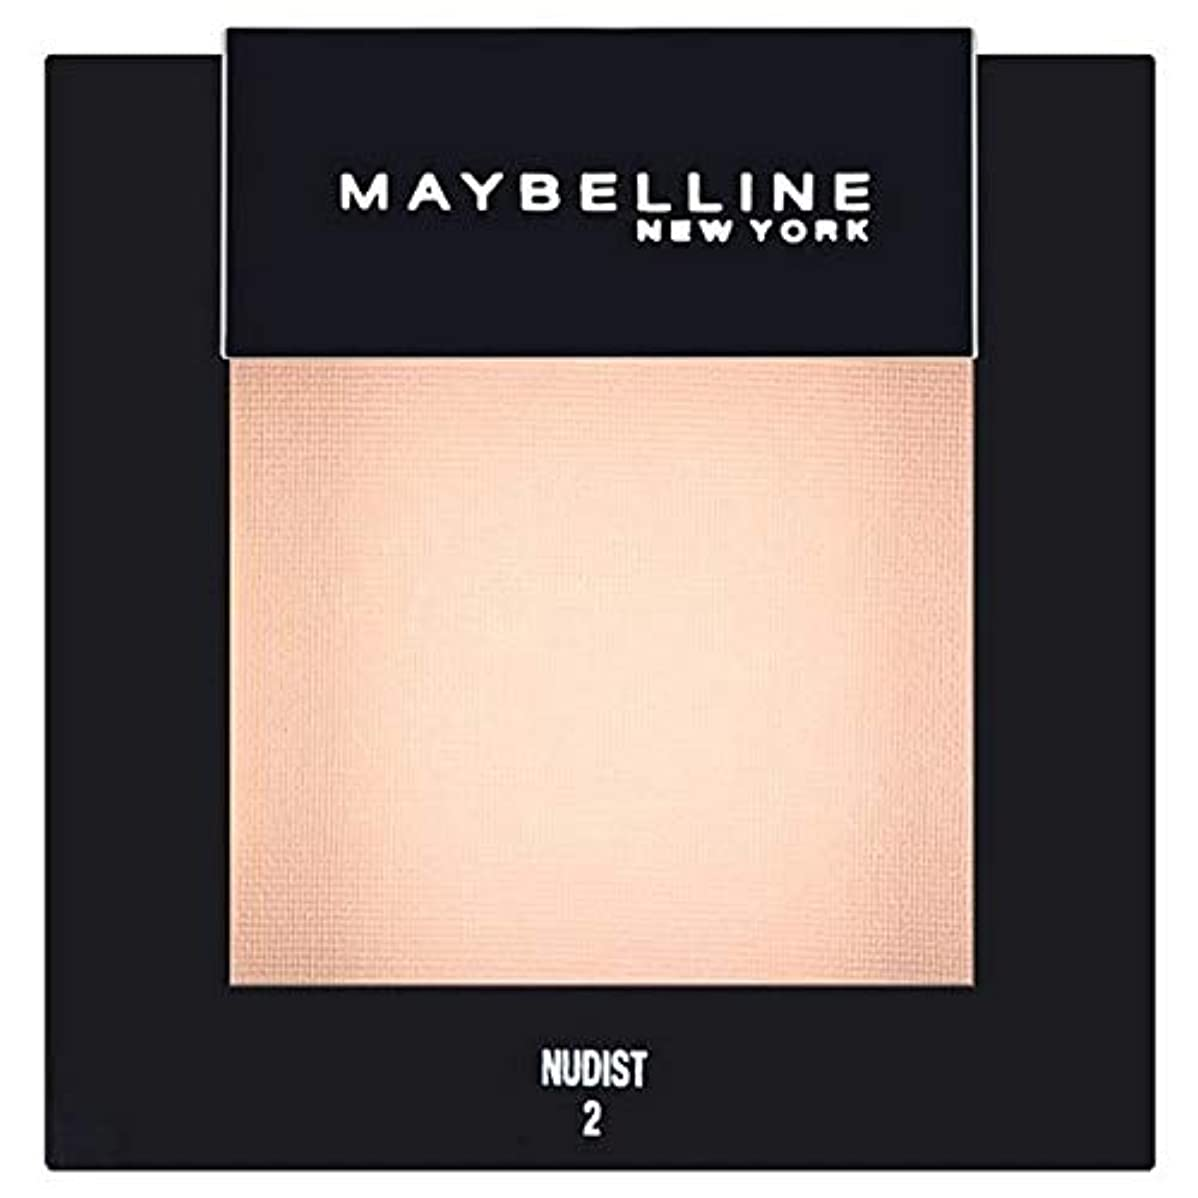 教授参加者東方[Maybelline ] メイベリンカラーショーシングルアイシャドウ02ヌーディスト - Maybelline Color Show Single Eyeshadow 02 Nudist [並行輸入品]